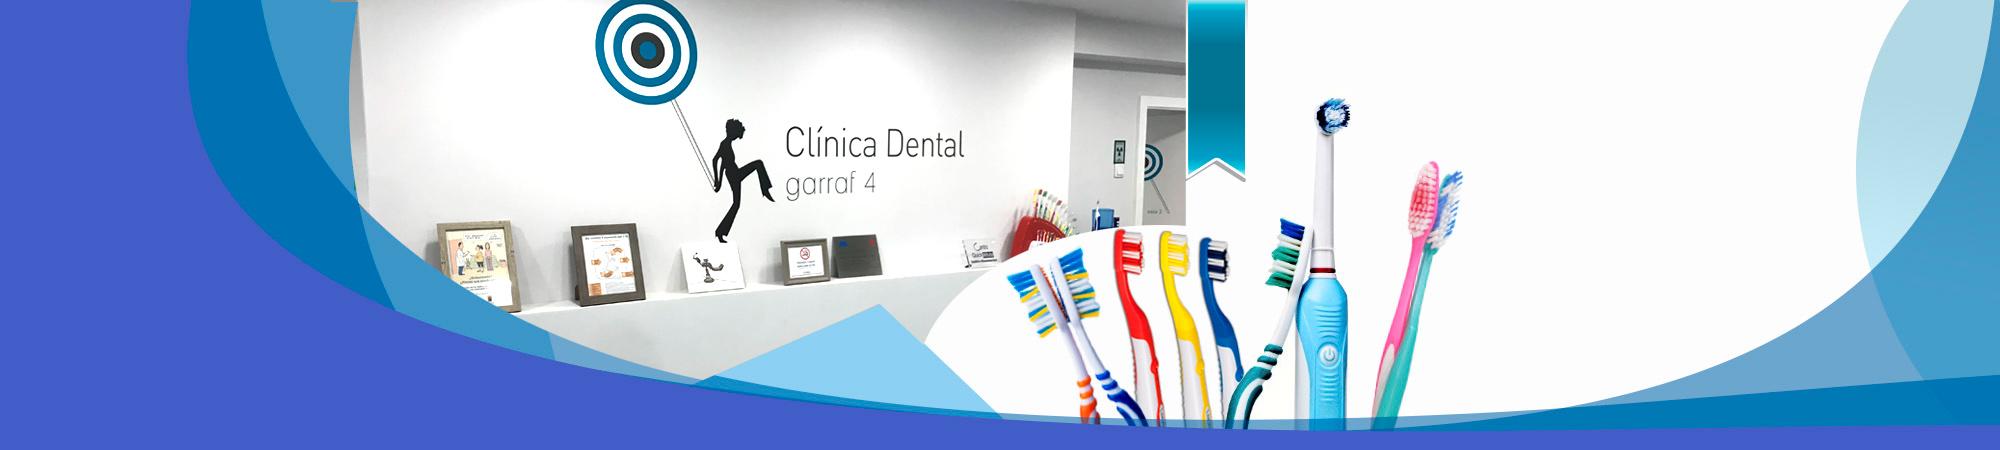 ortodoncia cornella baix llobregat barcelona, periodoncia cornella baix llobregat,